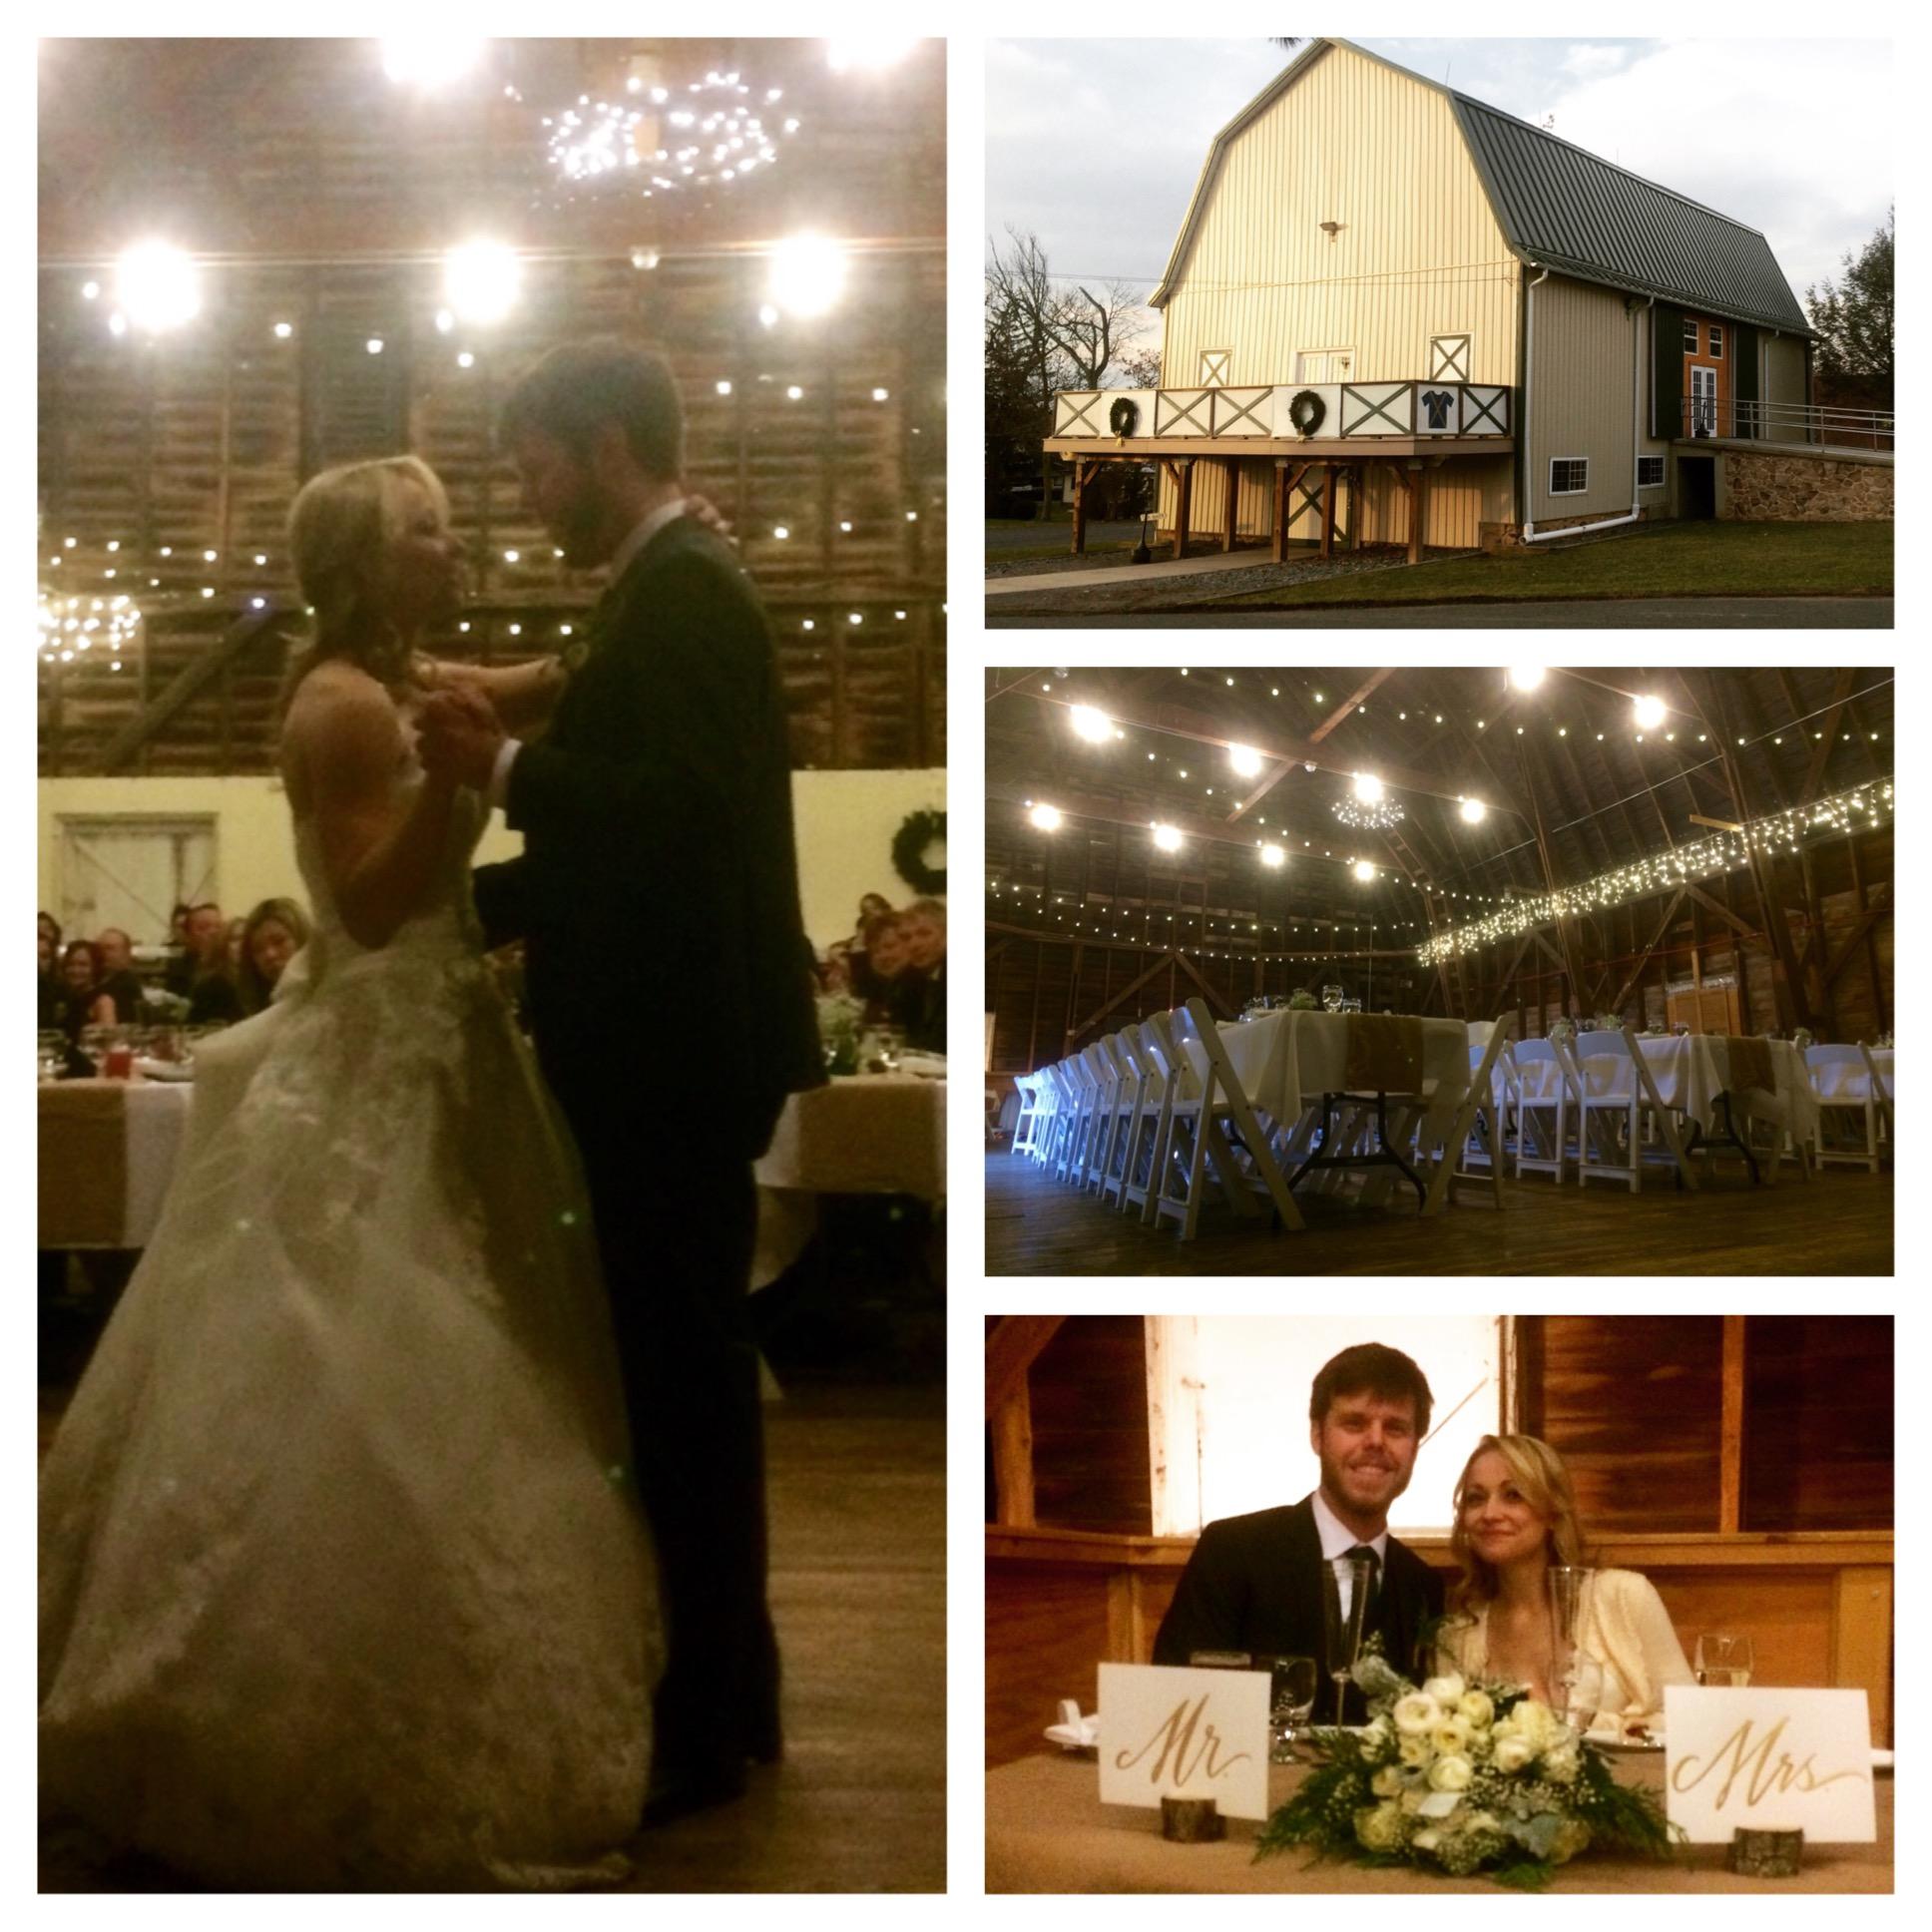 IMG 2716 - the tea barn at fair hill wedding